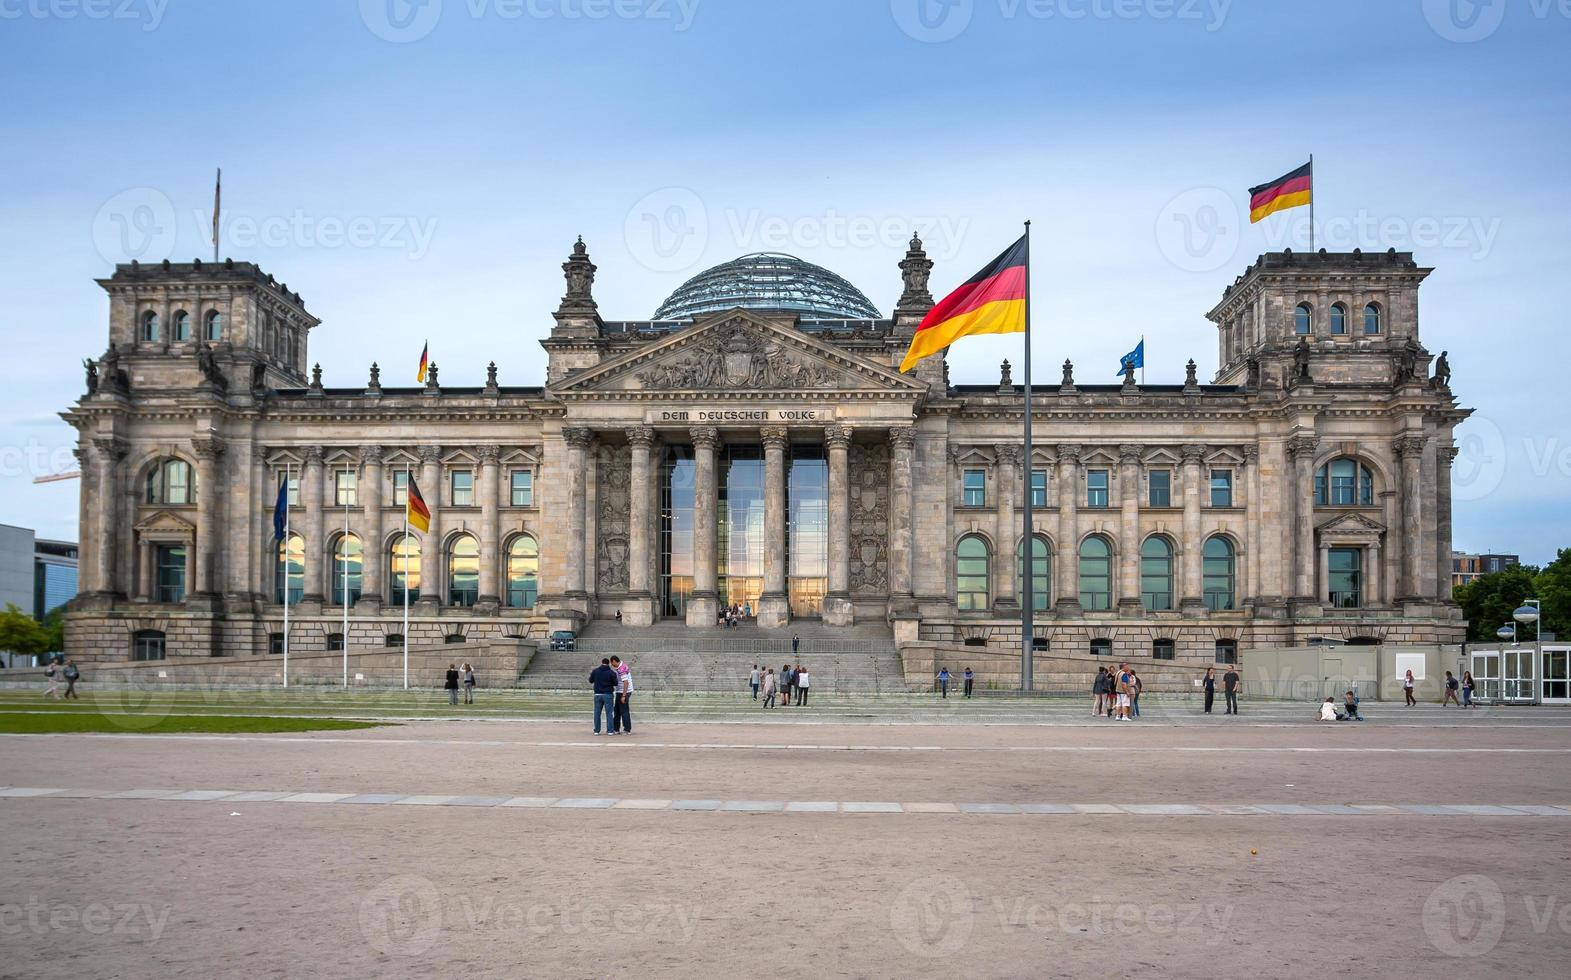 das reichstagsgebäude in berlin: deutsches parlament foto